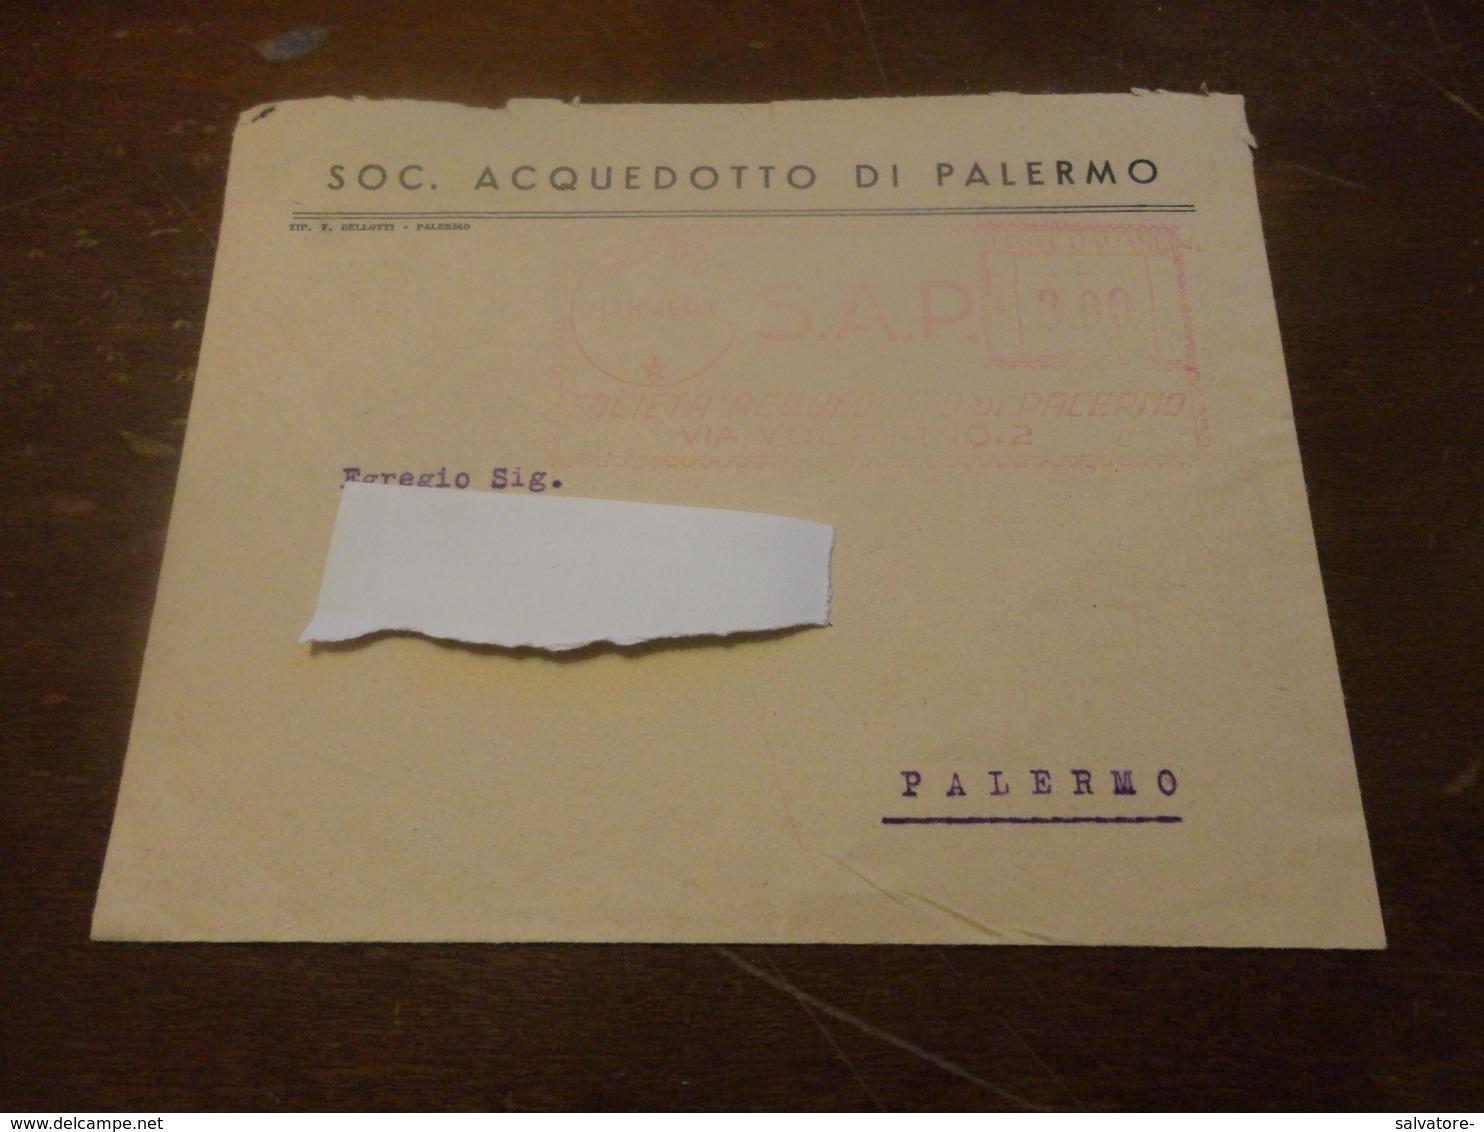 LETTERA CON AFFRANCATURA ROSSA SOCIETA' ACQUEDOTTO DI PALERMO LIRE 3-1946 - Affrancature Meccaniche Rosse (EMA)